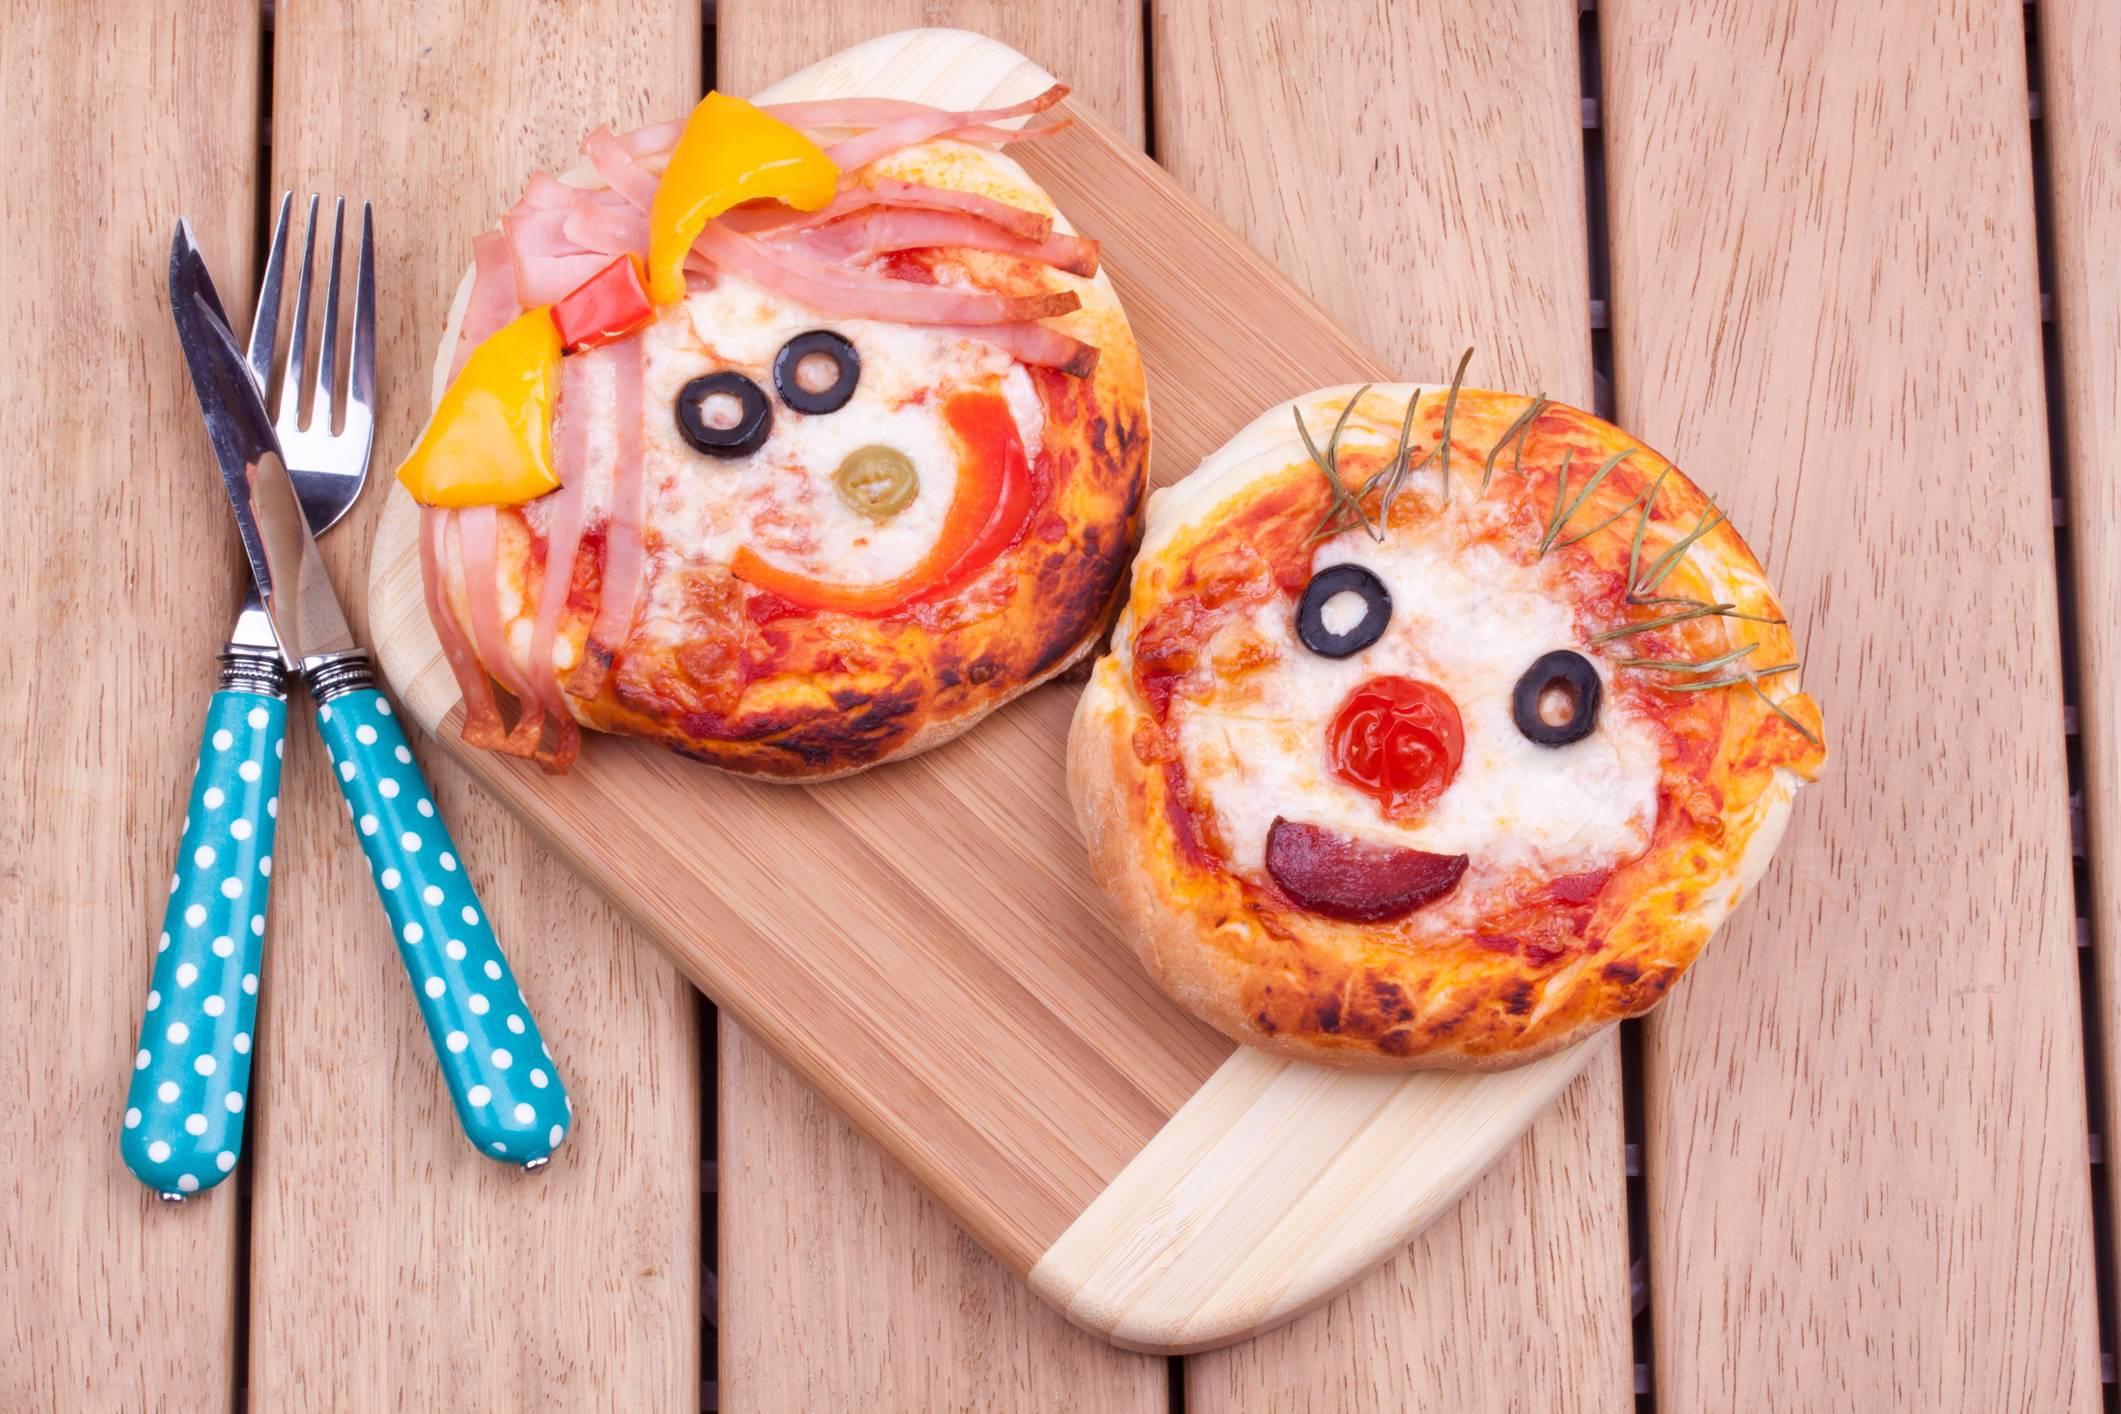 Лучшие рецепты сладкой пиццы для детей